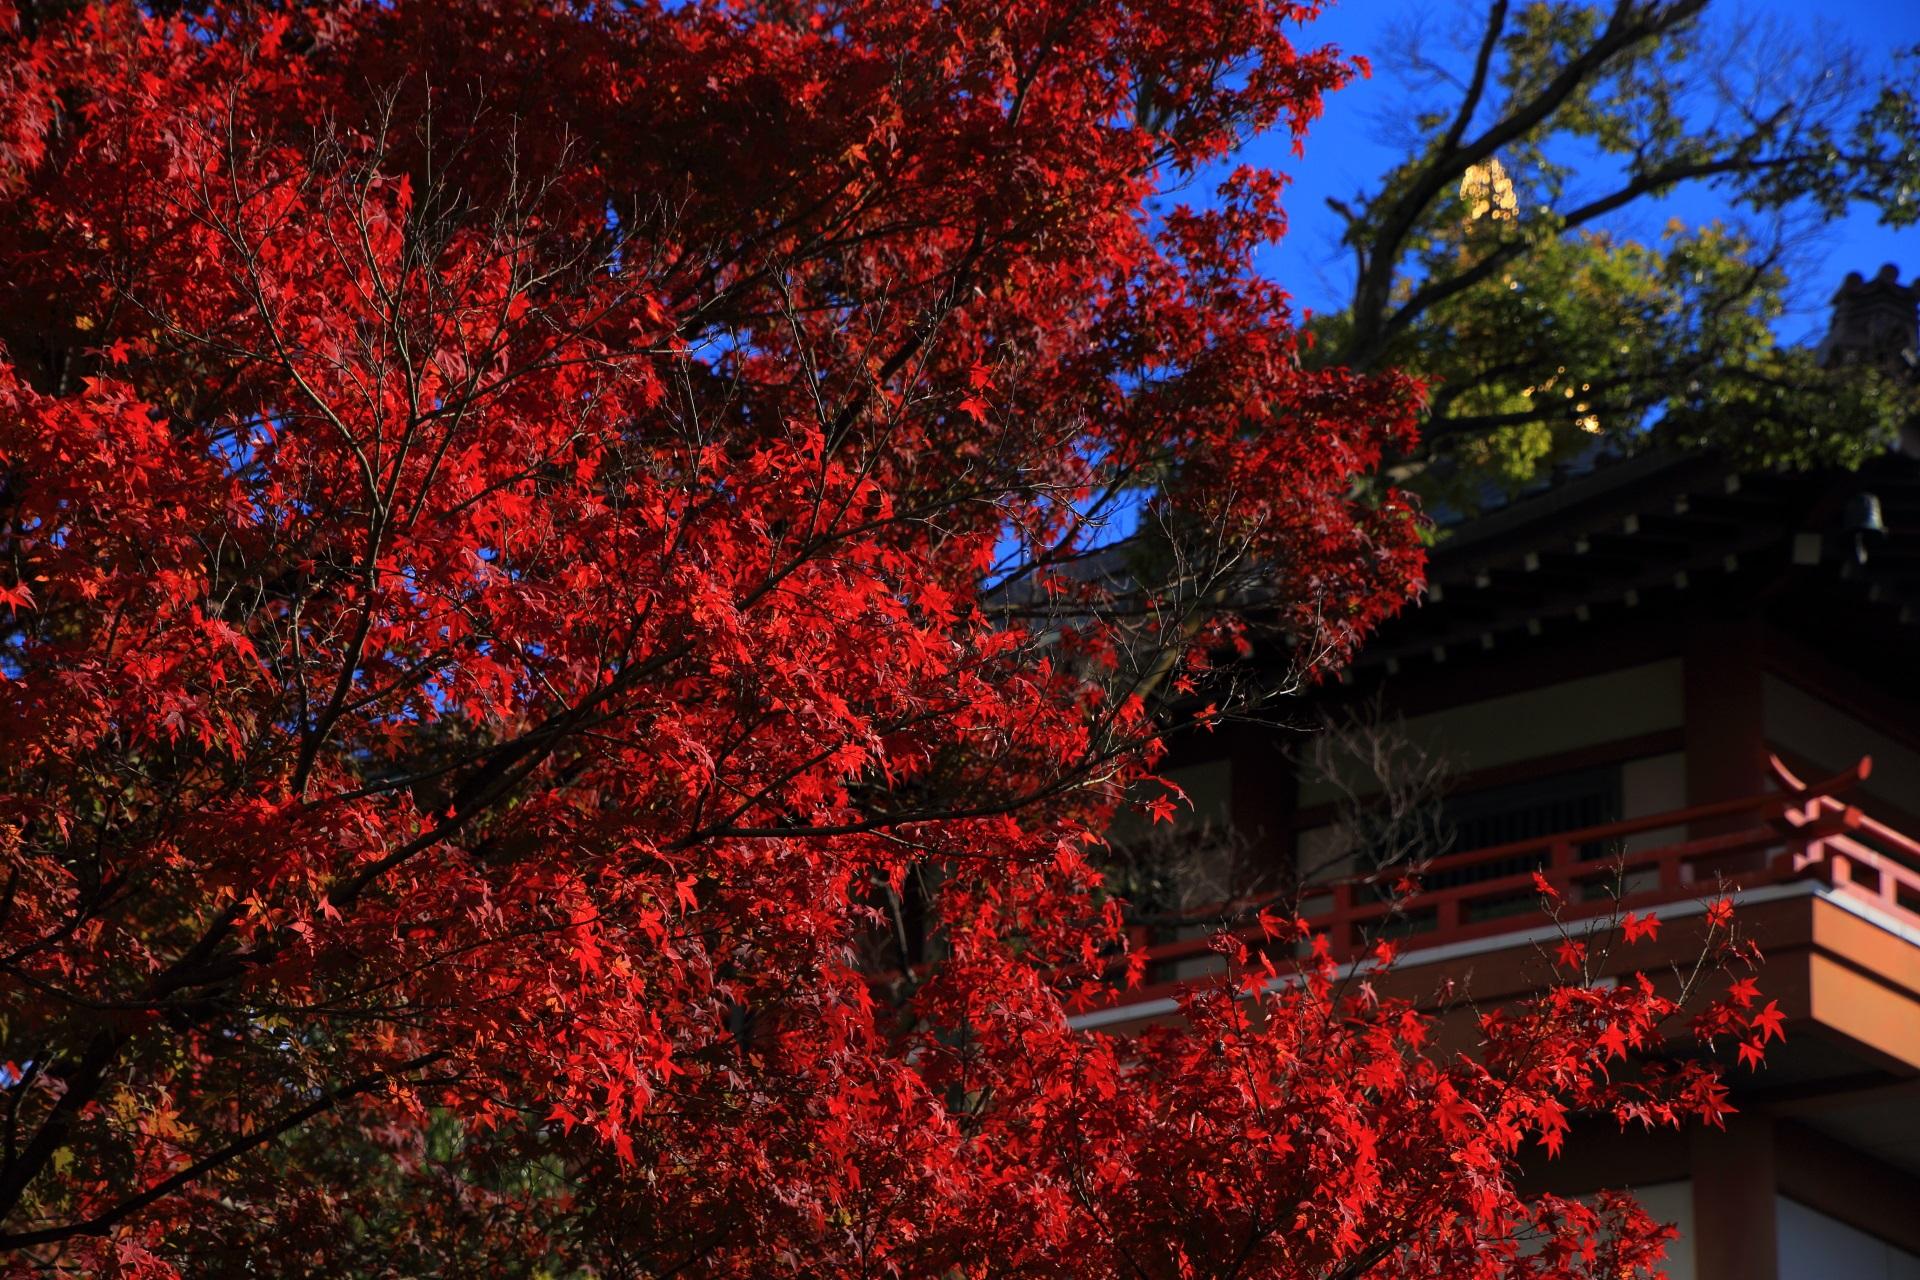 本法寺の溢れる煌く真っ赤な紅葉